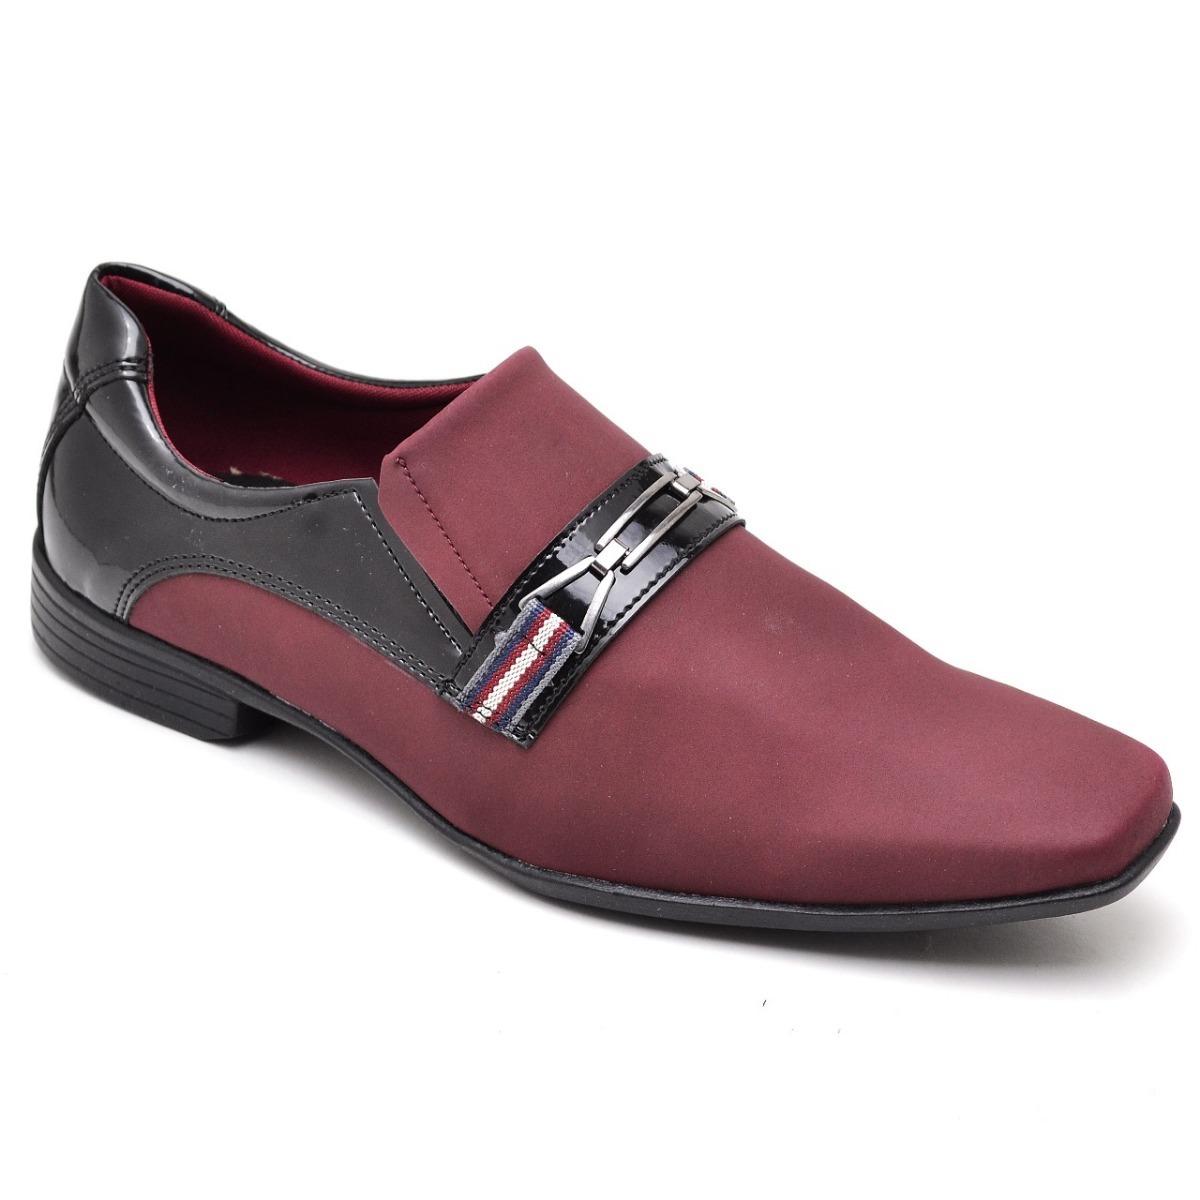 2f67cf096 sapato masculino social camurça zaffiori lançamento franca. Carregando zoom.